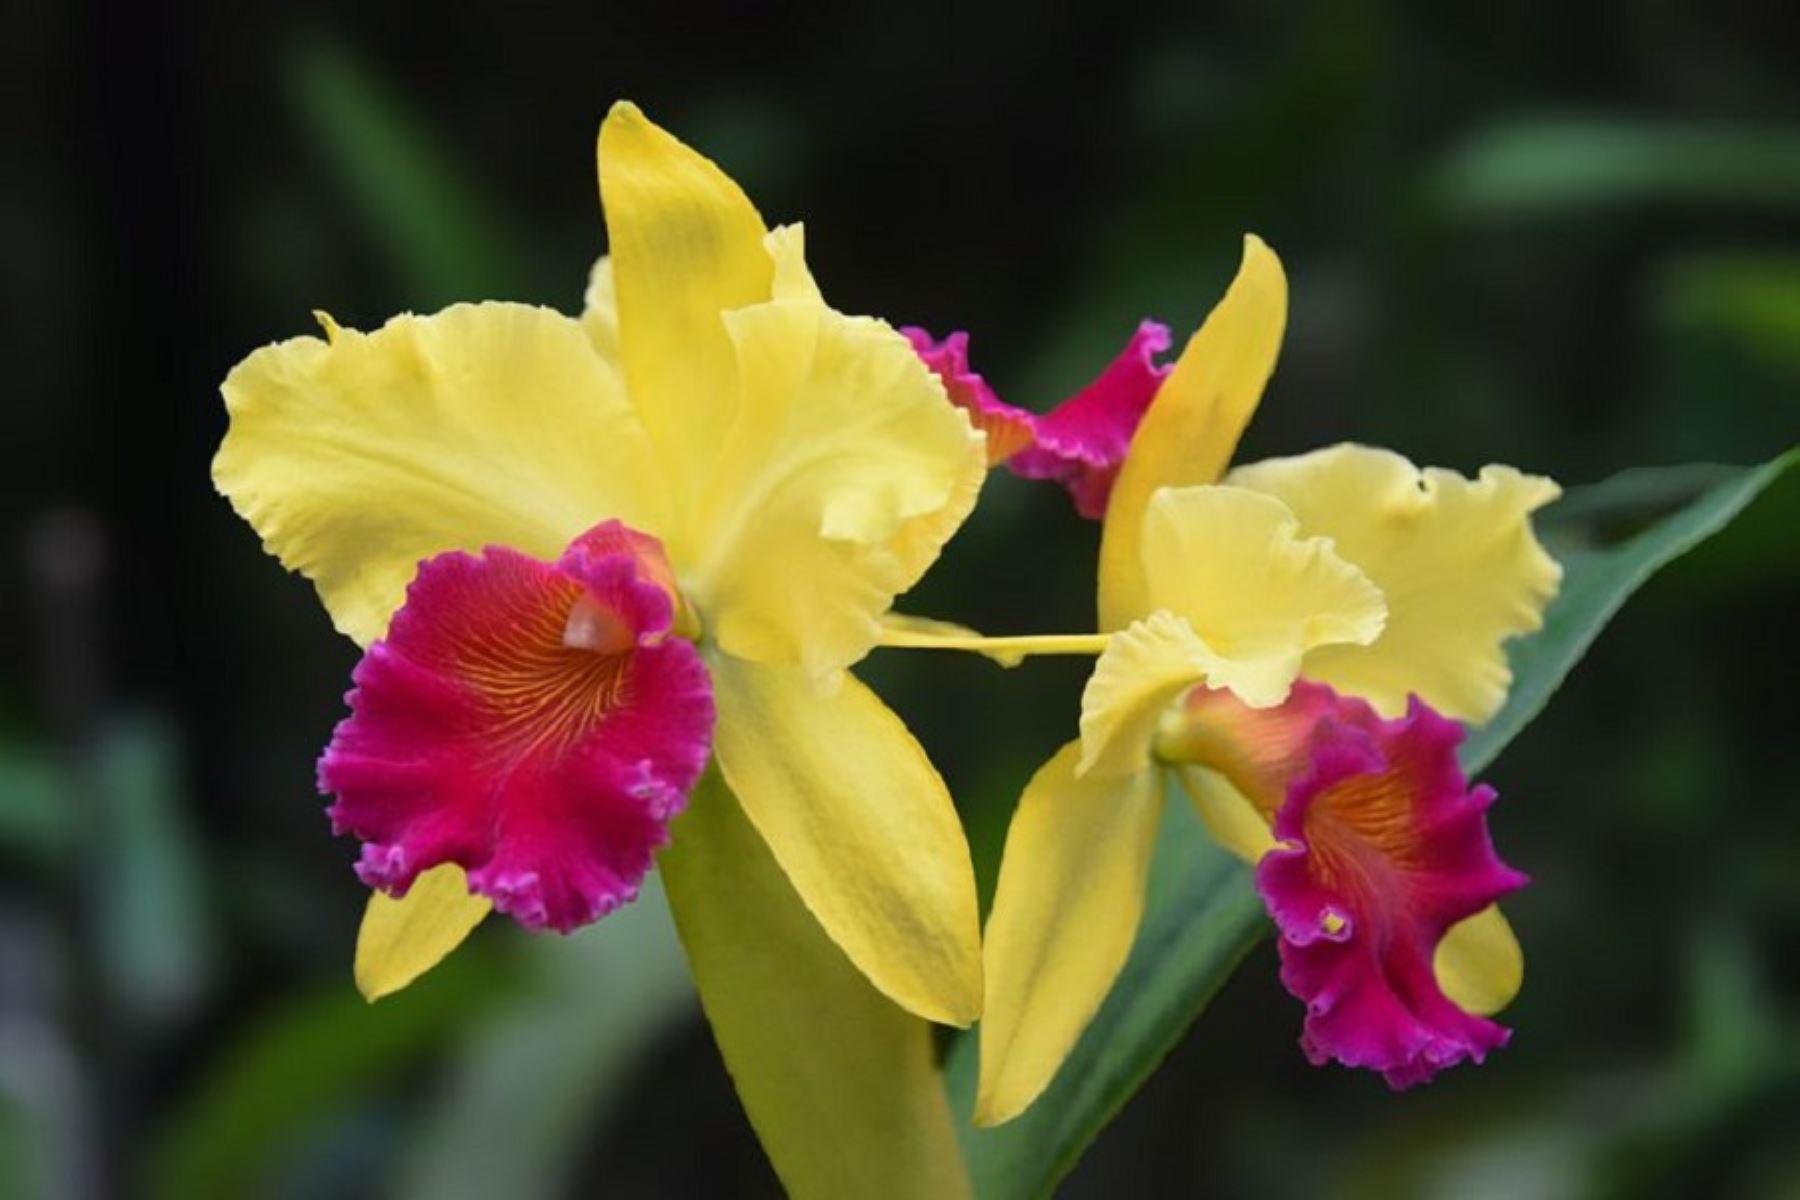 Formalizan 10 viveros de orquídeas para impulsar su comercio legal en San Martín. ANDINA